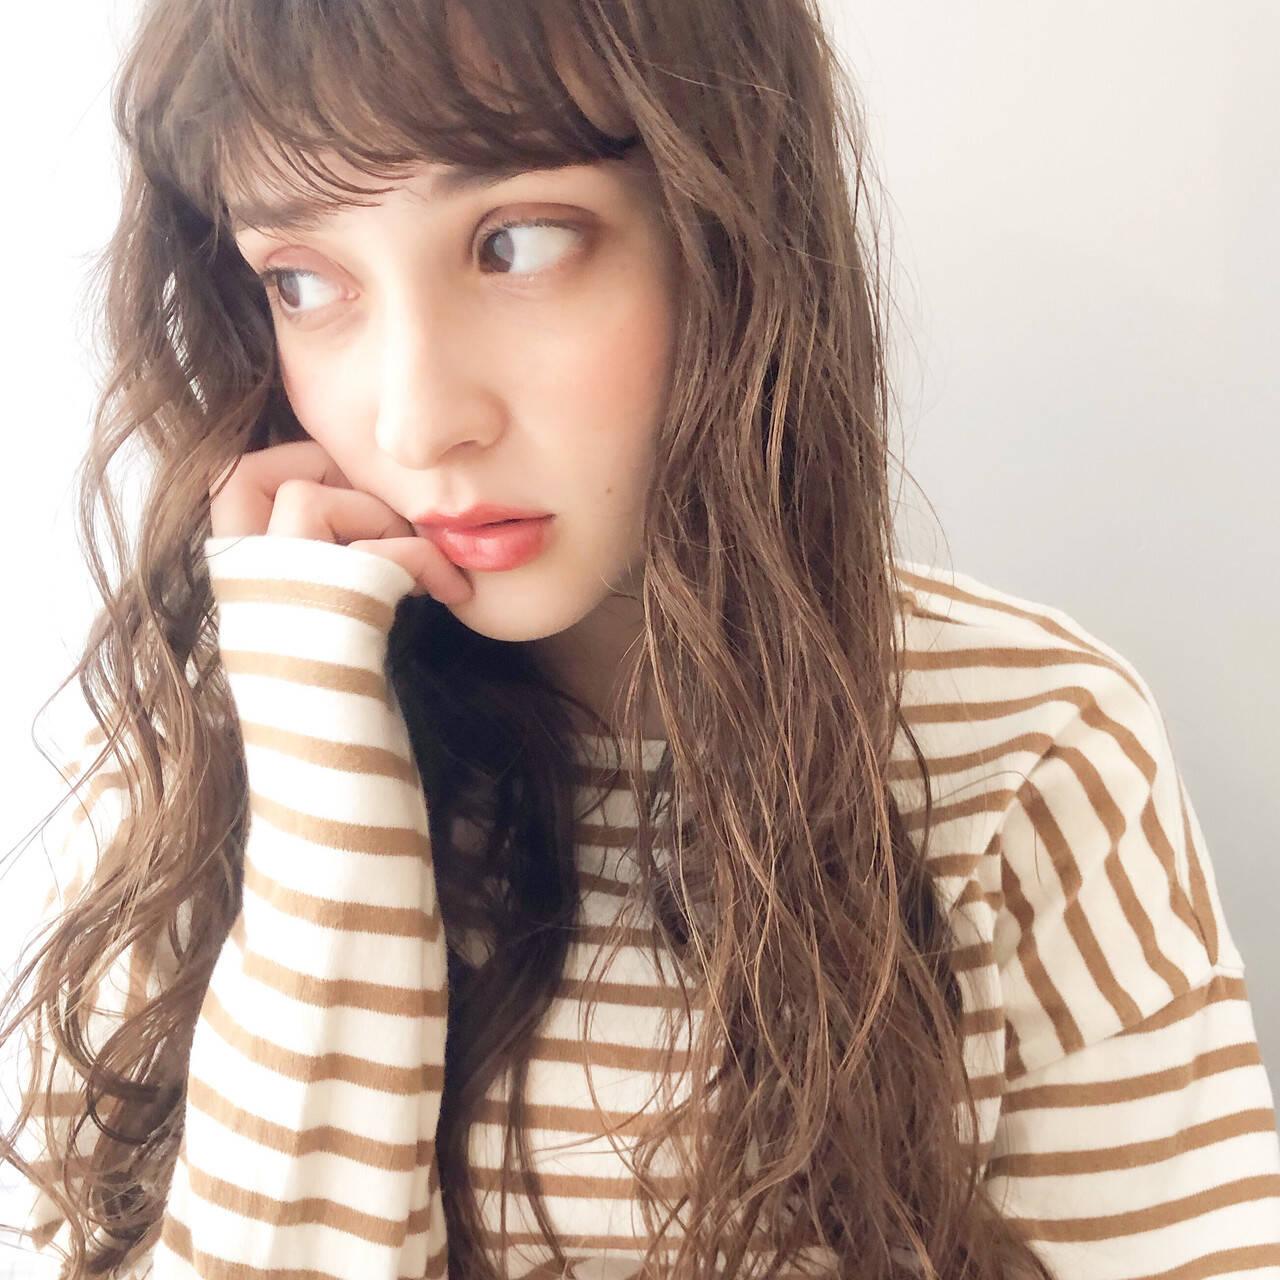 ゆるふわパーマ 前髪パーマ 無造作パーマ グレージュヘアスタイルや髪型の写真・画像